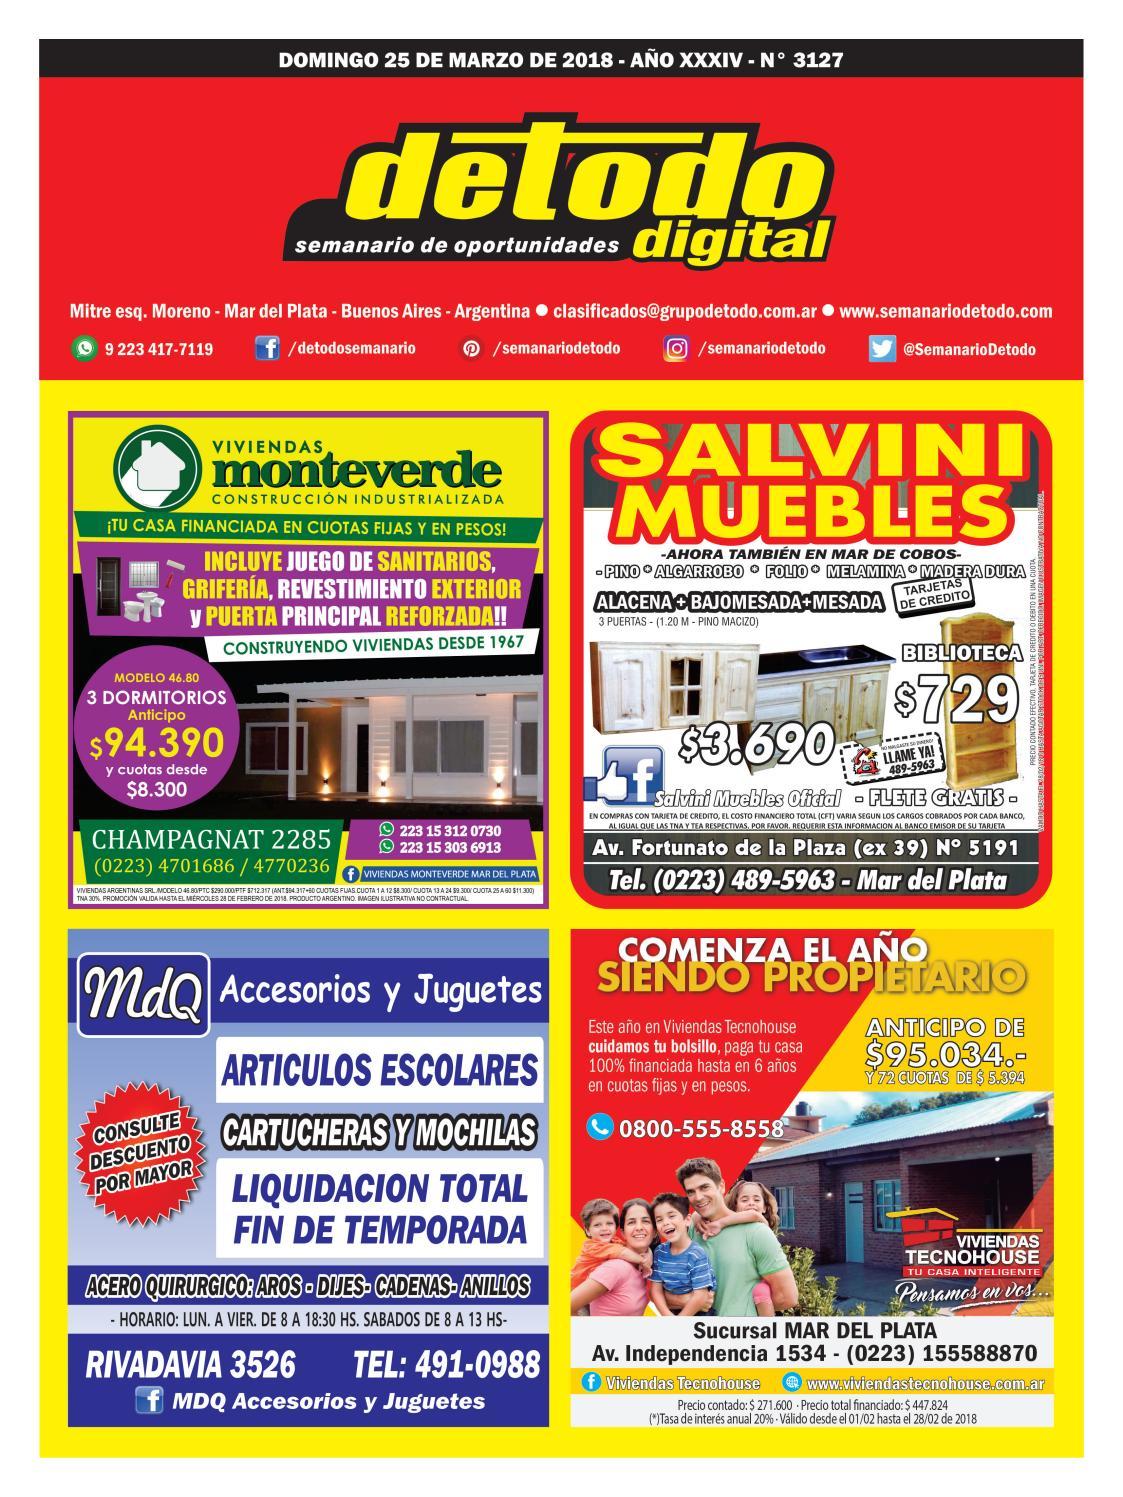 Semanario Detodo Digital  Edicin N 3127  25032018 by Semanario Detodo  Issuu